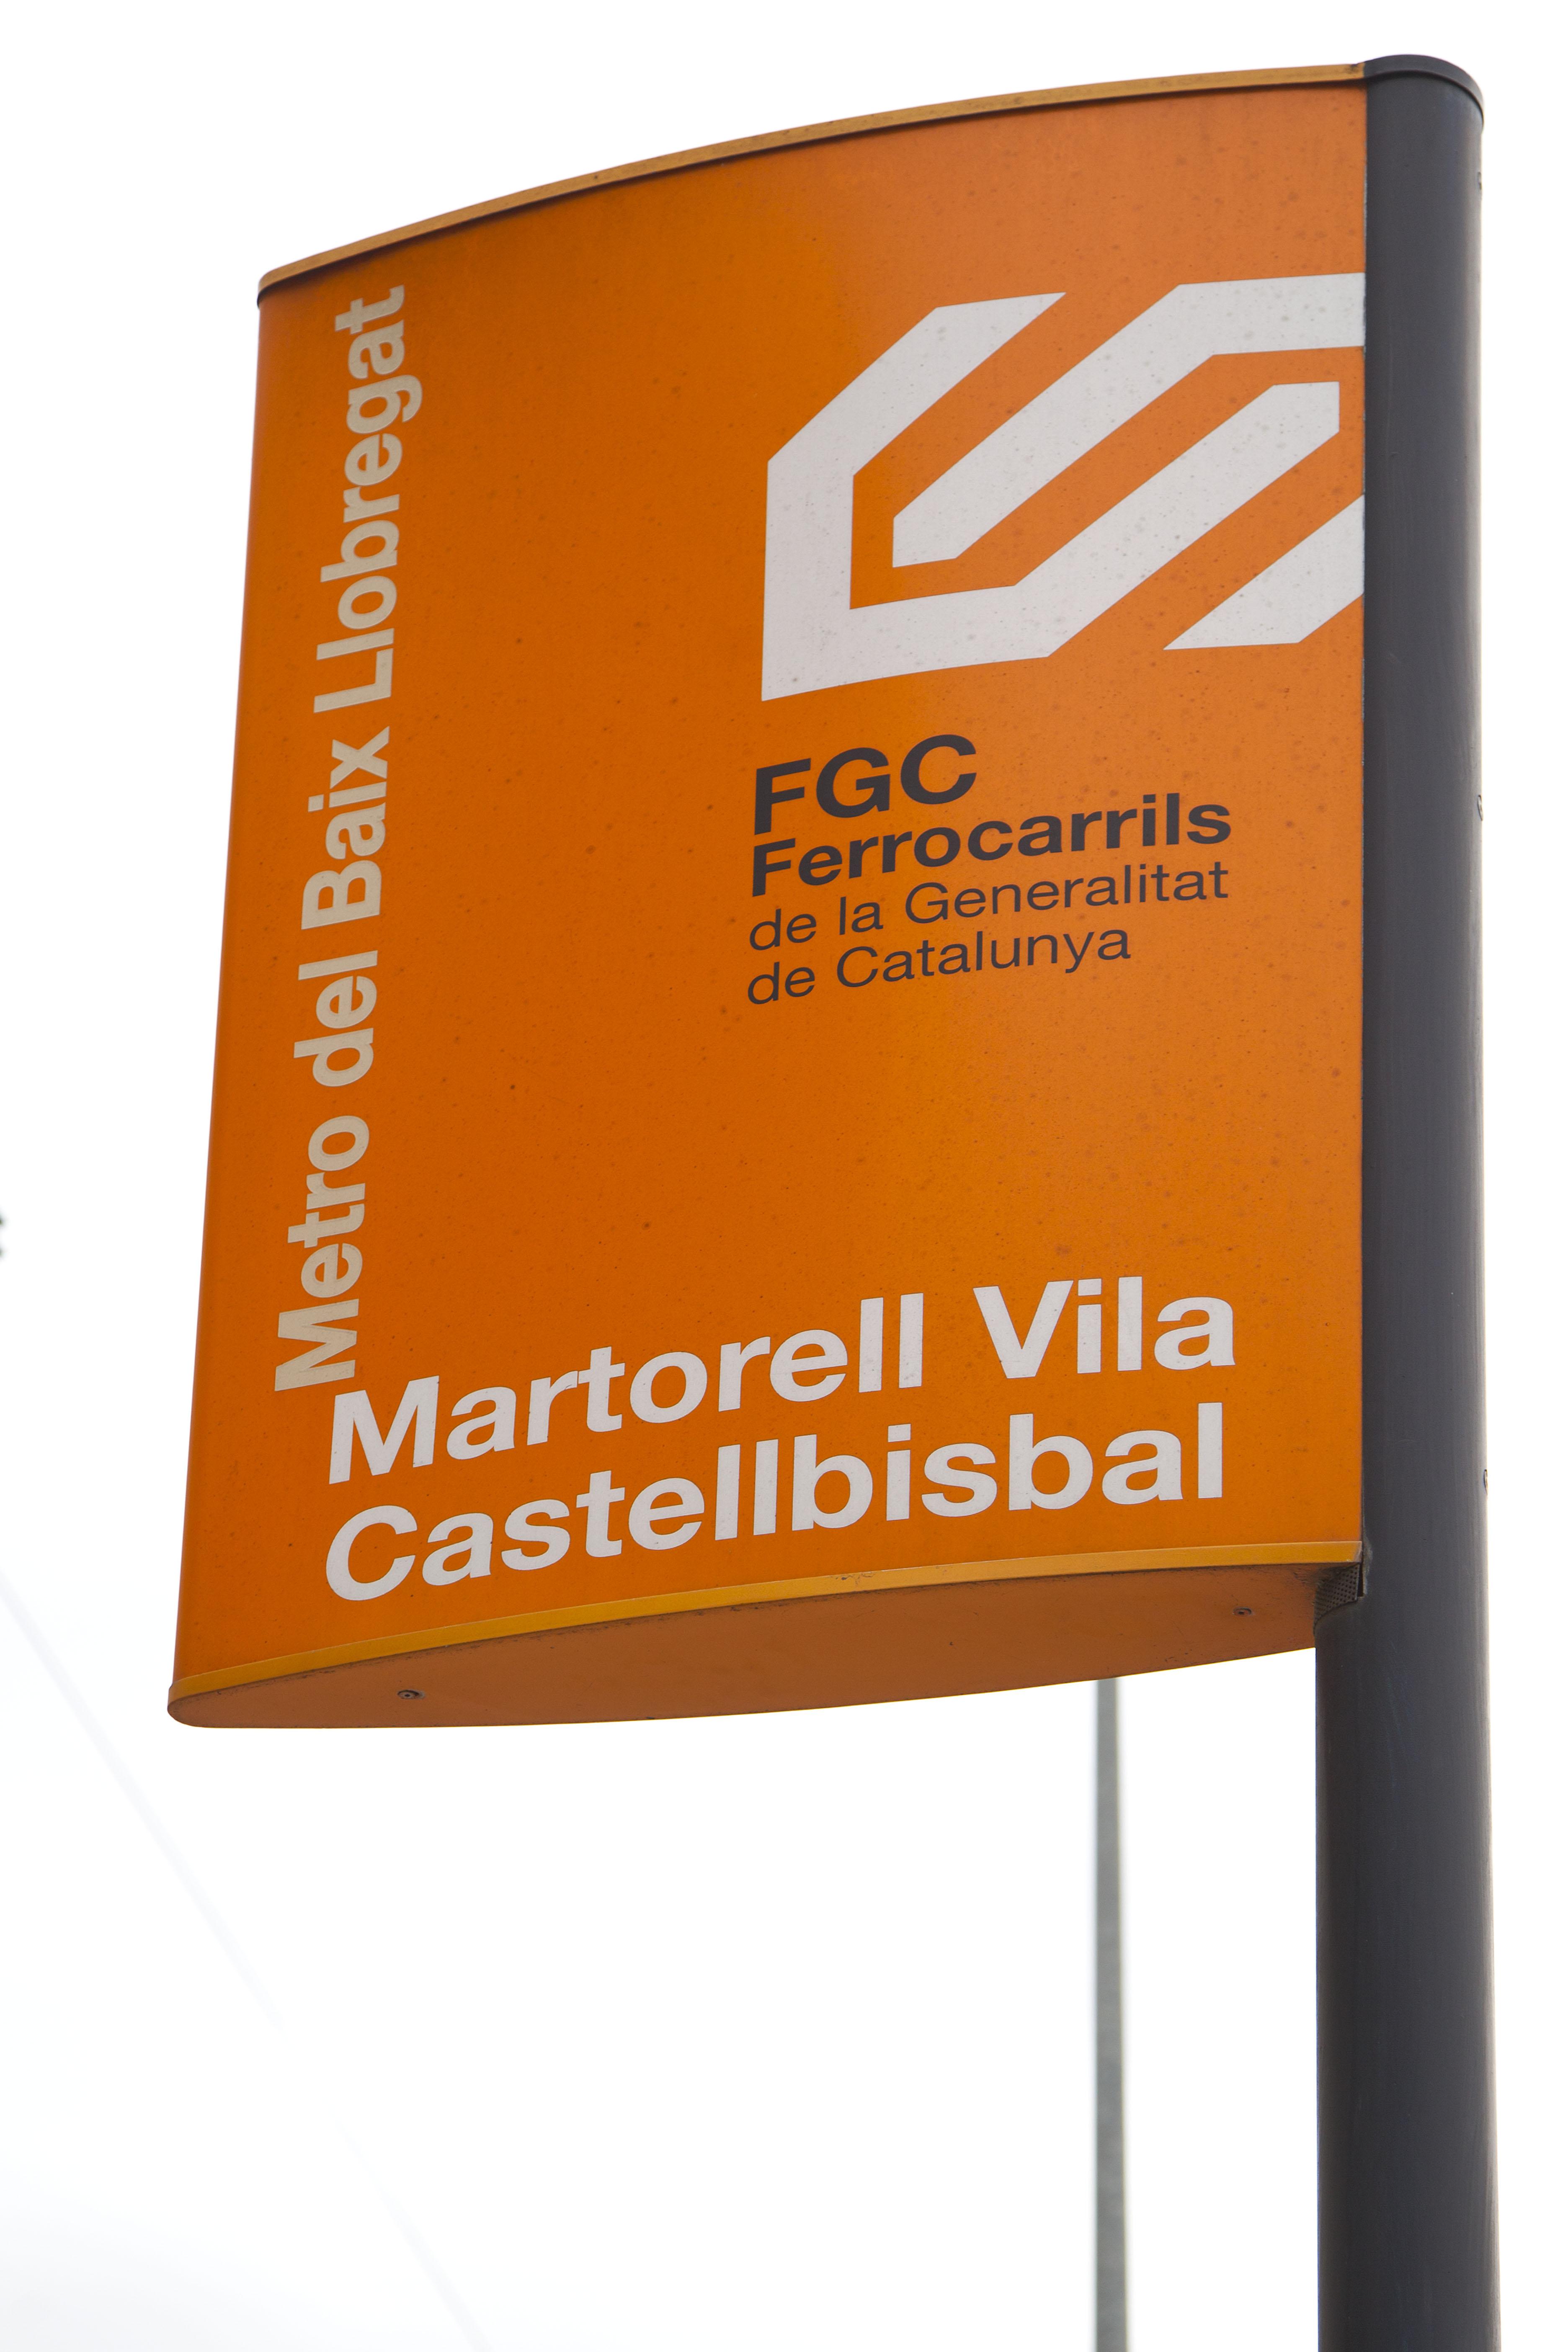 MARTORELL -VILA- CASTELLBISBAL -FGC